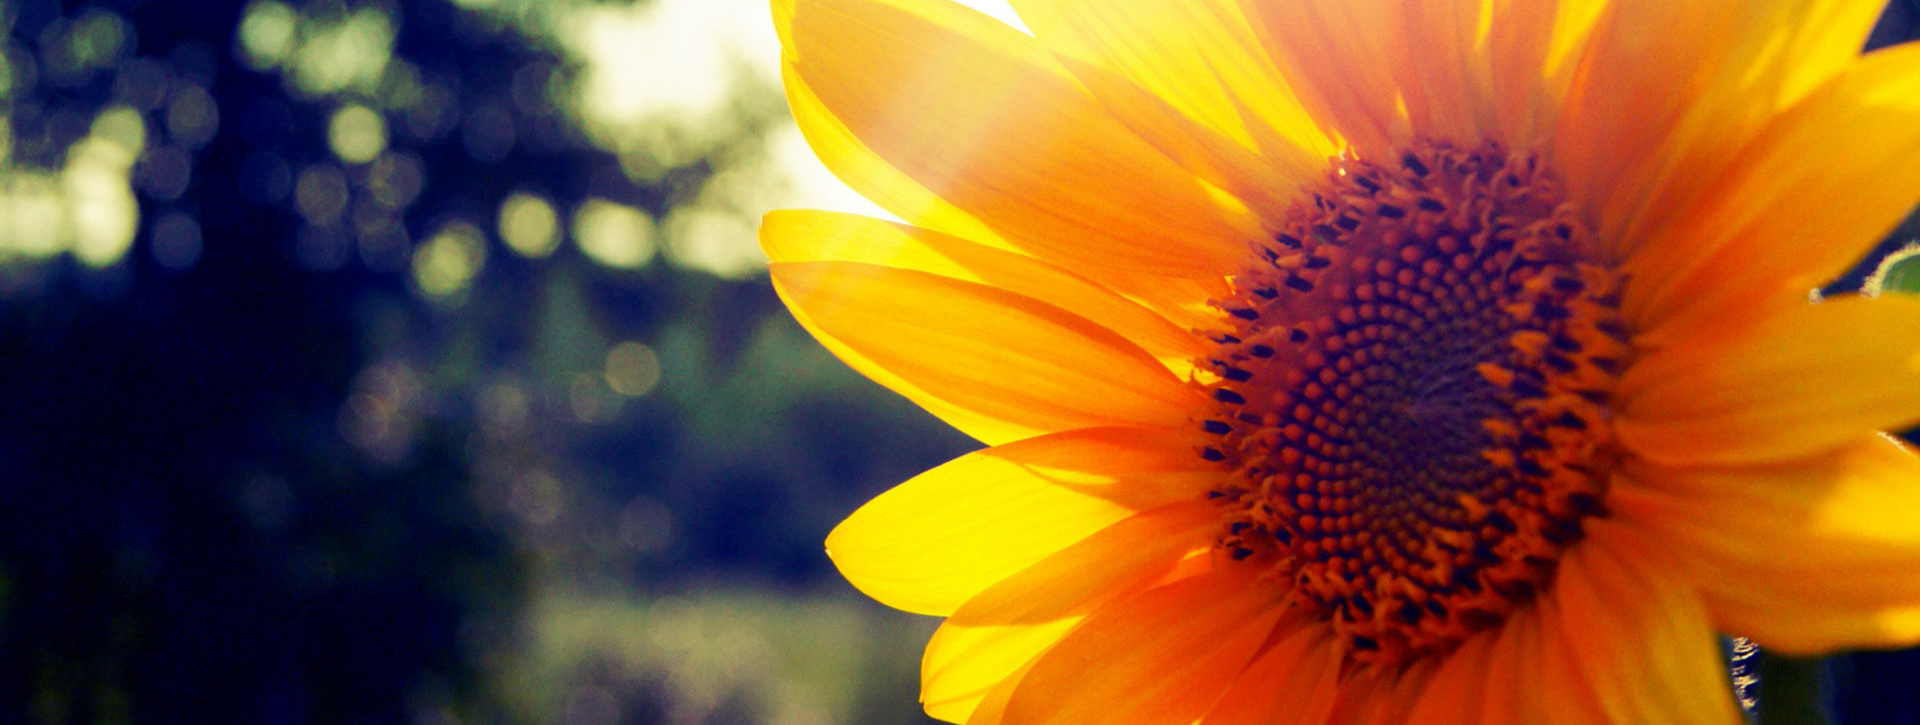 Sunflower in the sunlight